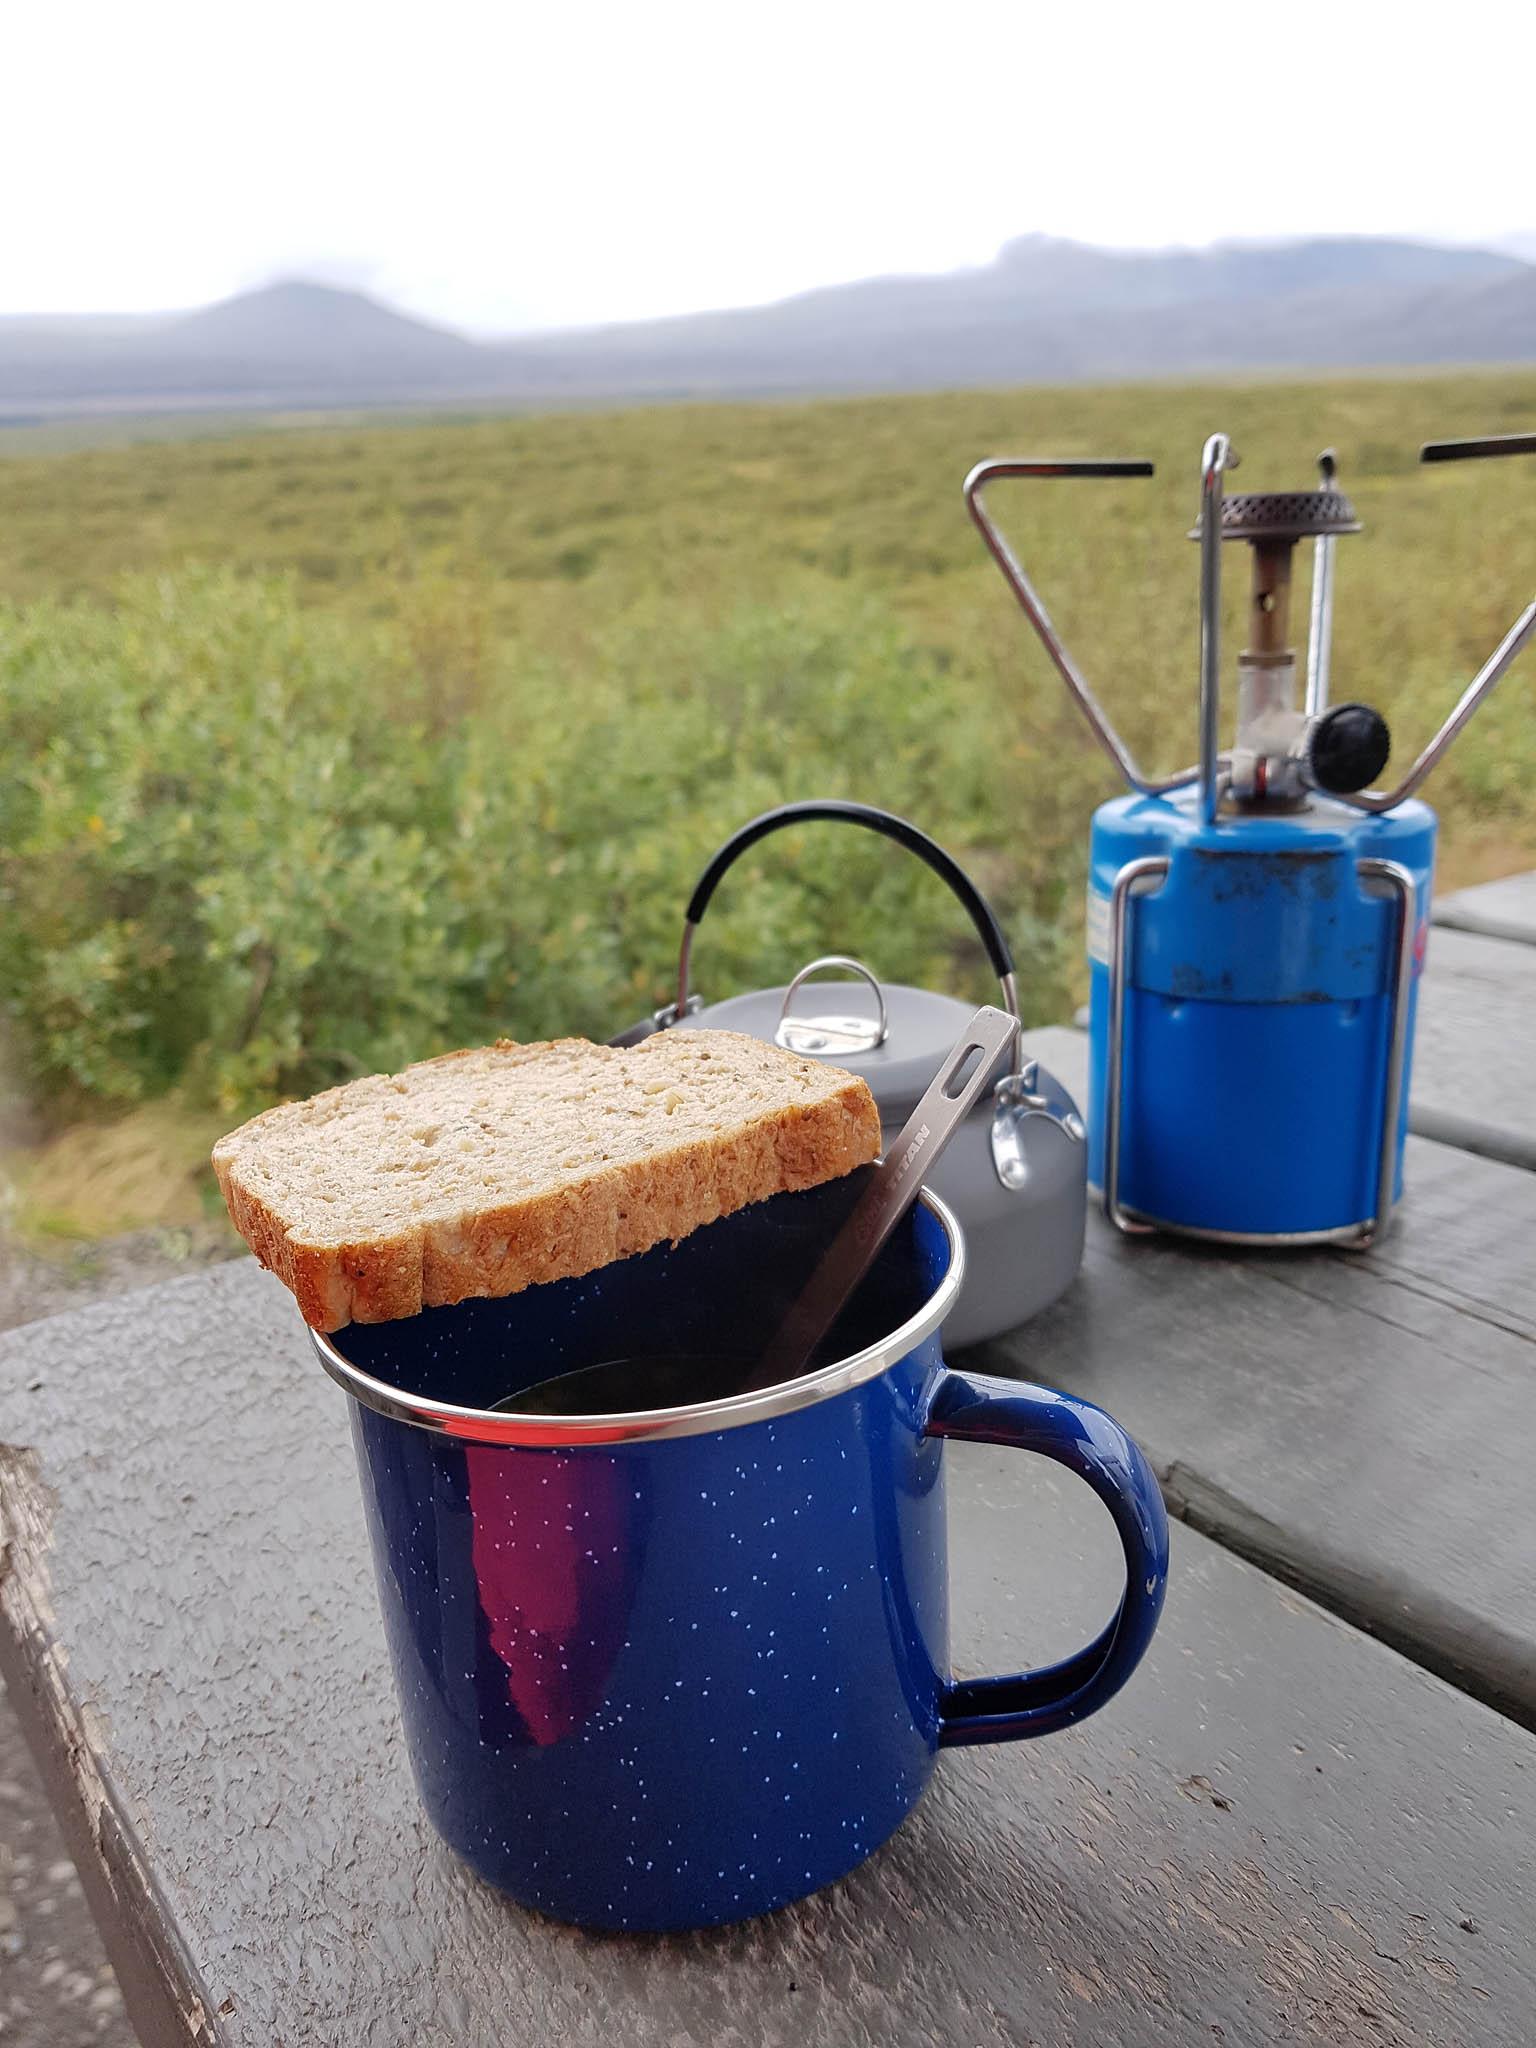 Für den morgendlichen Kaffee oder eine schnelle Suppe zwischendurch ist ein Kocher im Gepäck des Dachzelnomaden unerlässlich!